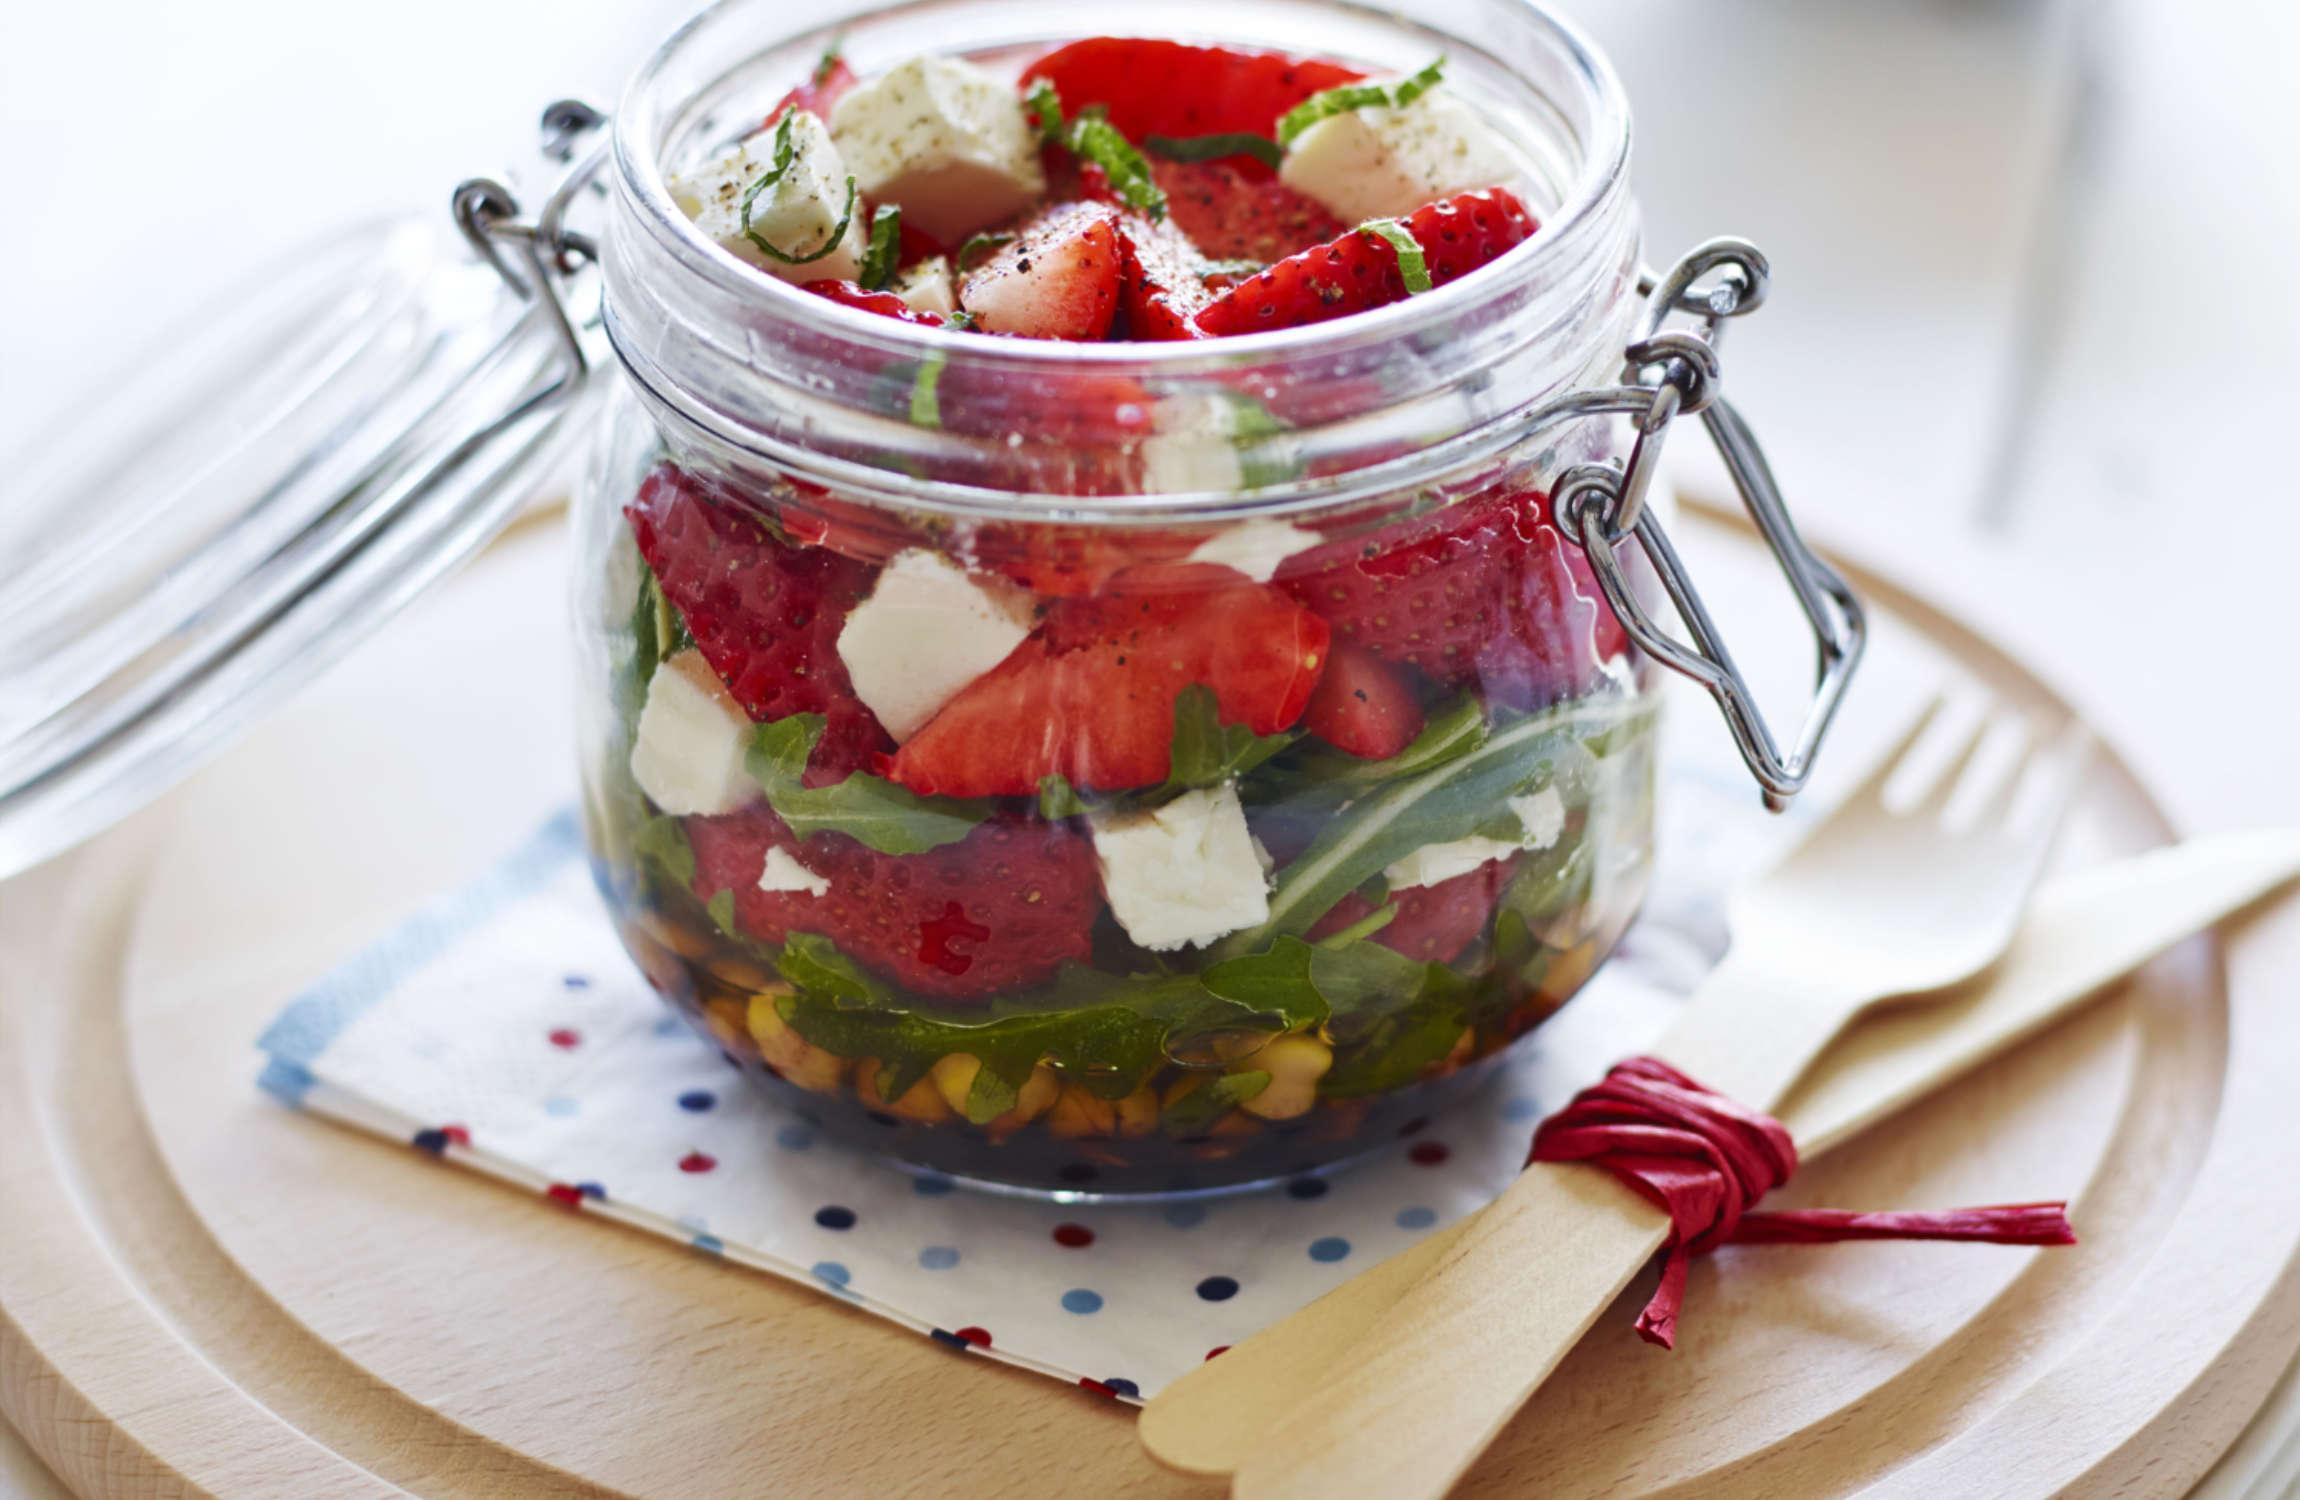 Strawberry Kilner Jar Salad